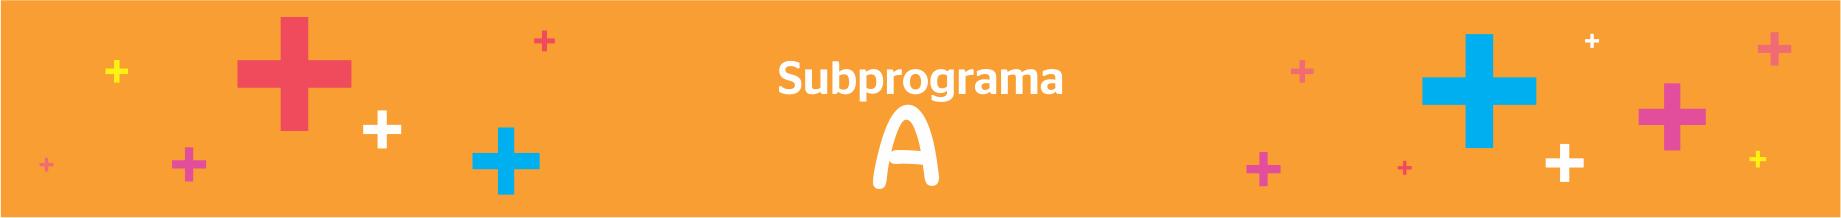 Subprograma A